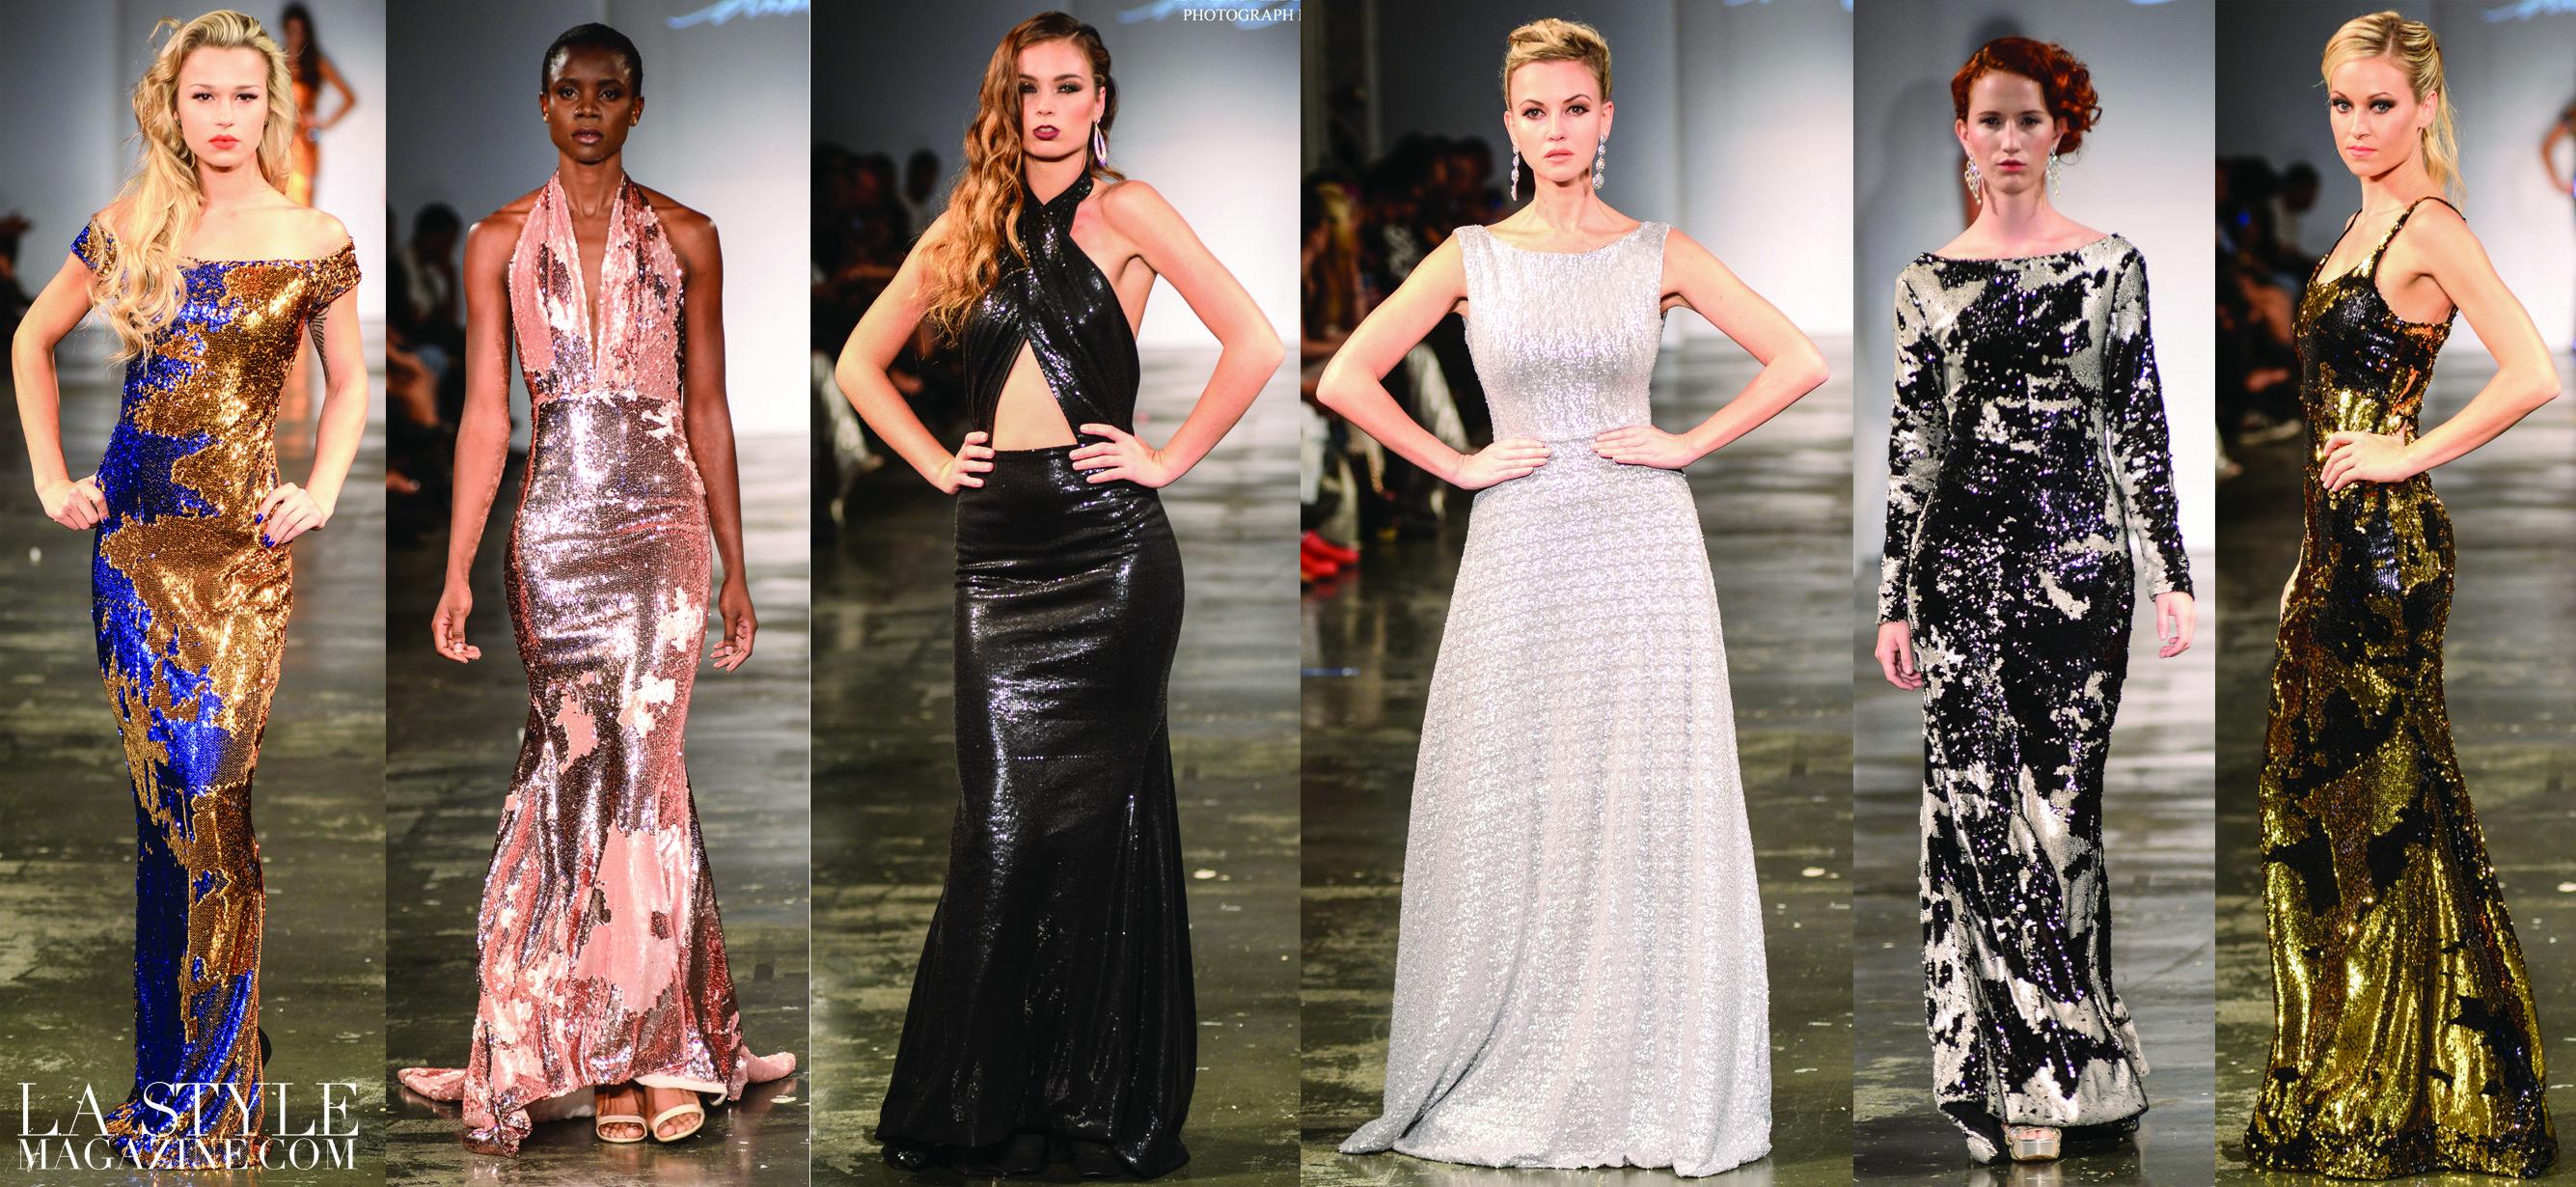 Andre Soriano Designs L A Style Magazine